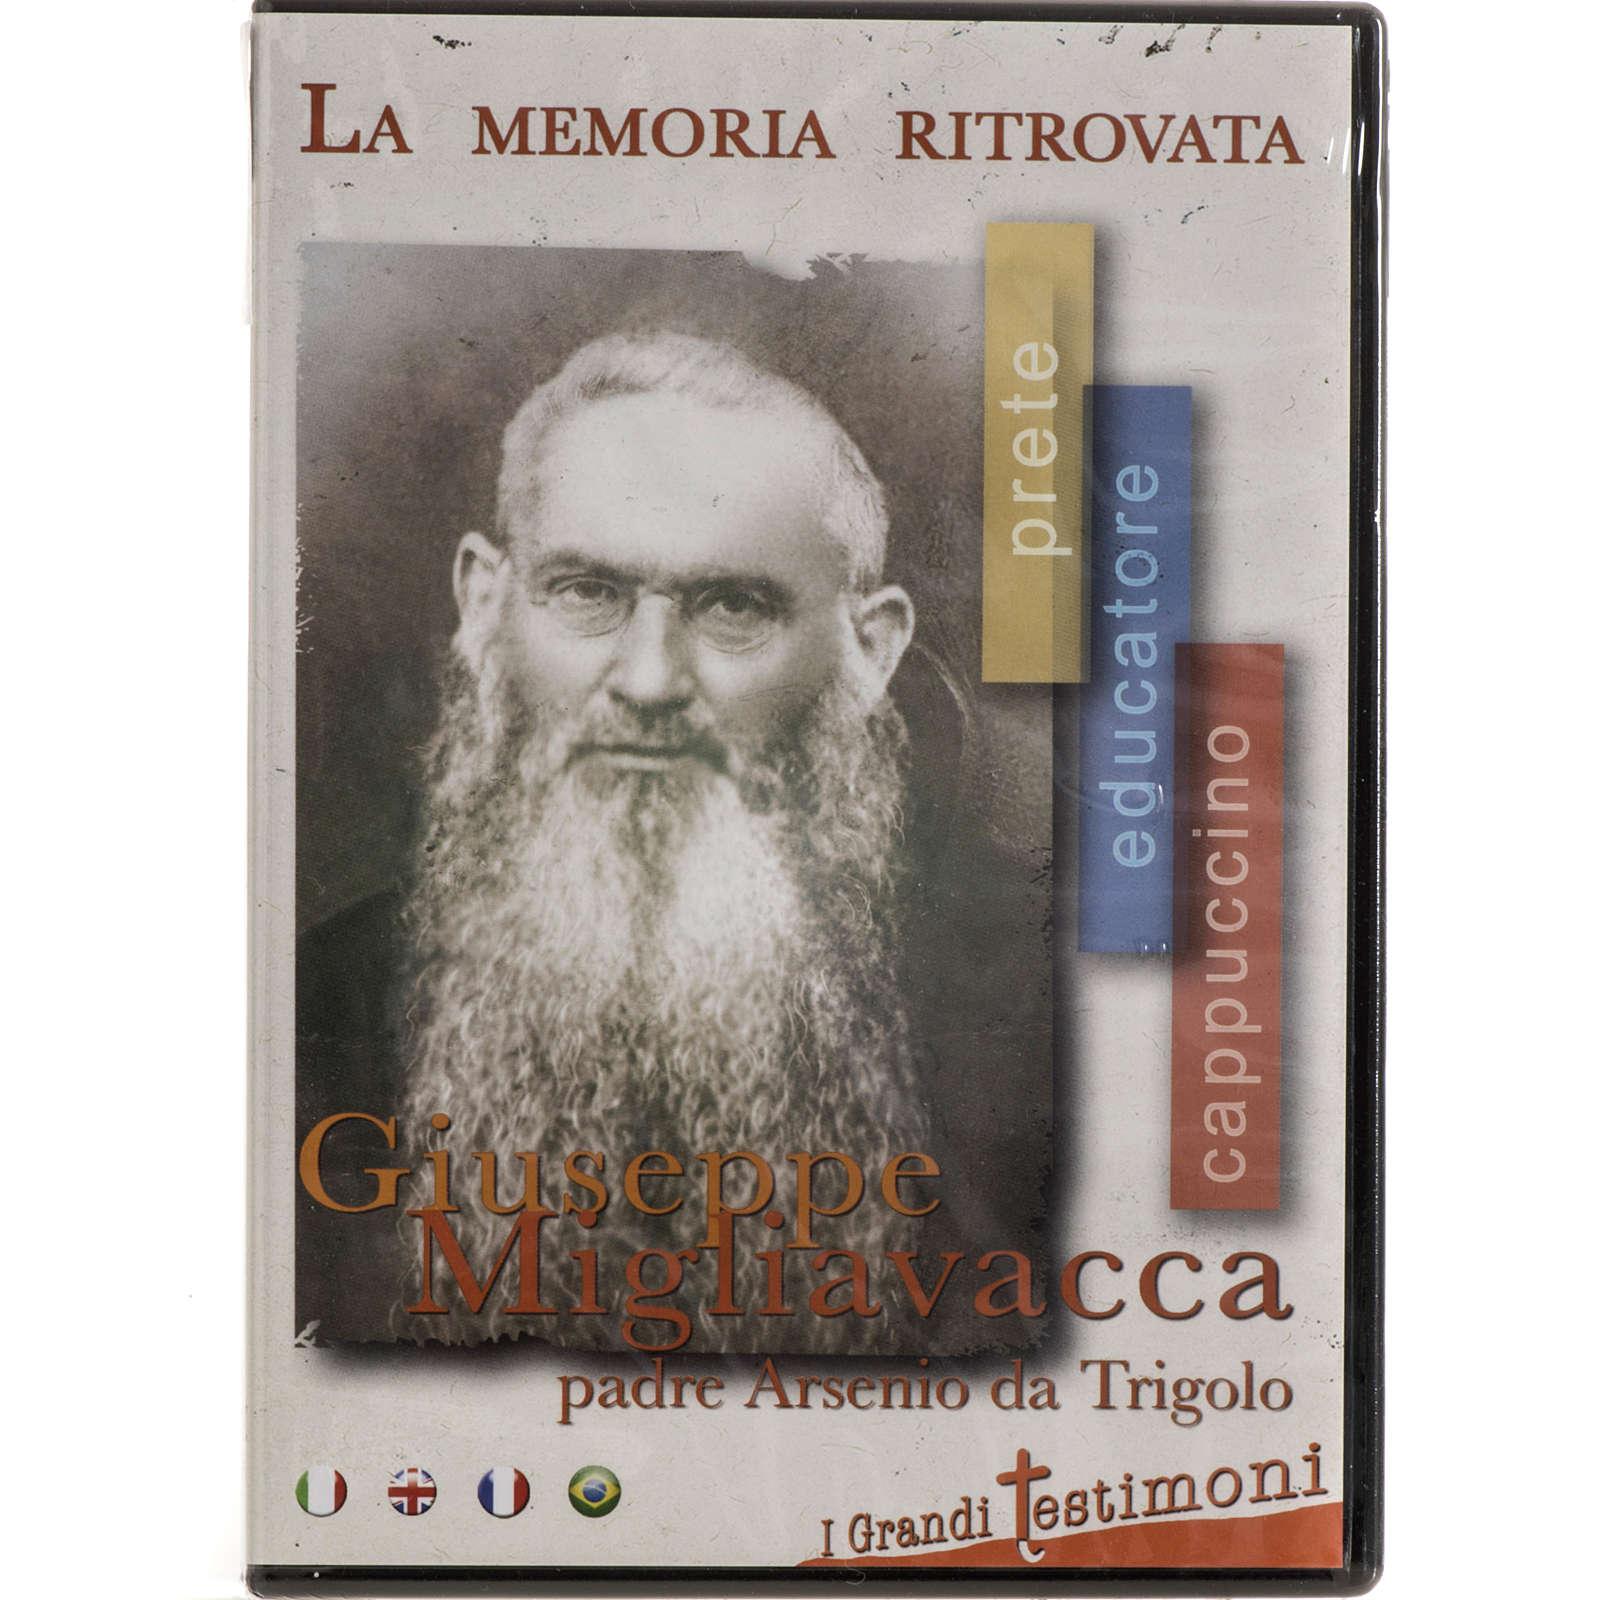 Giuseppe Migliavacca padre Arsenio da Trigolo 3